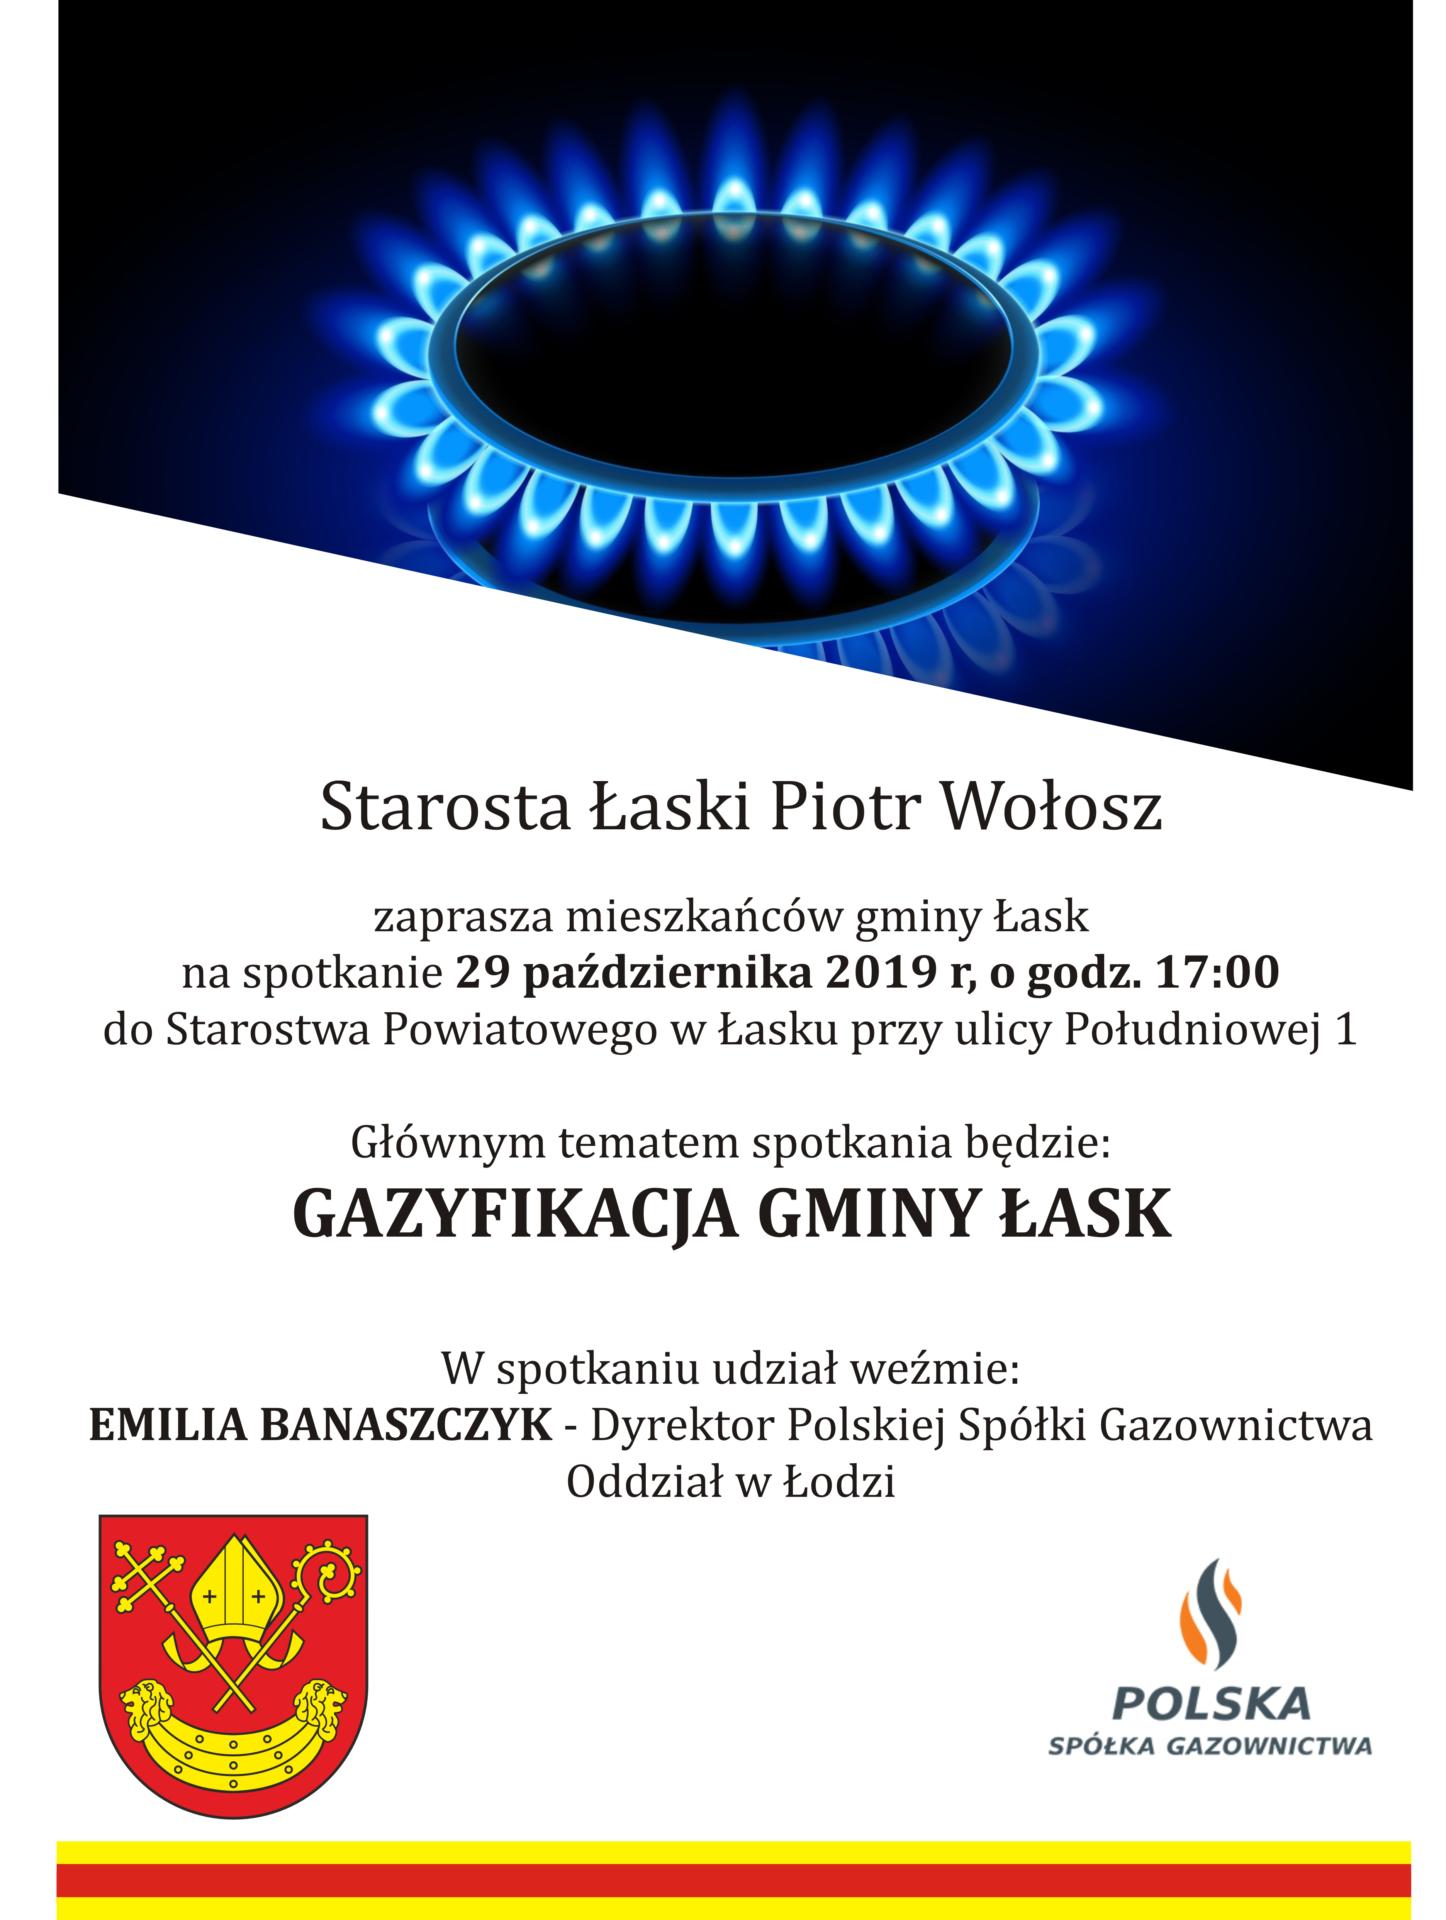 Spotkanie Gazyfikacja gminy Łask